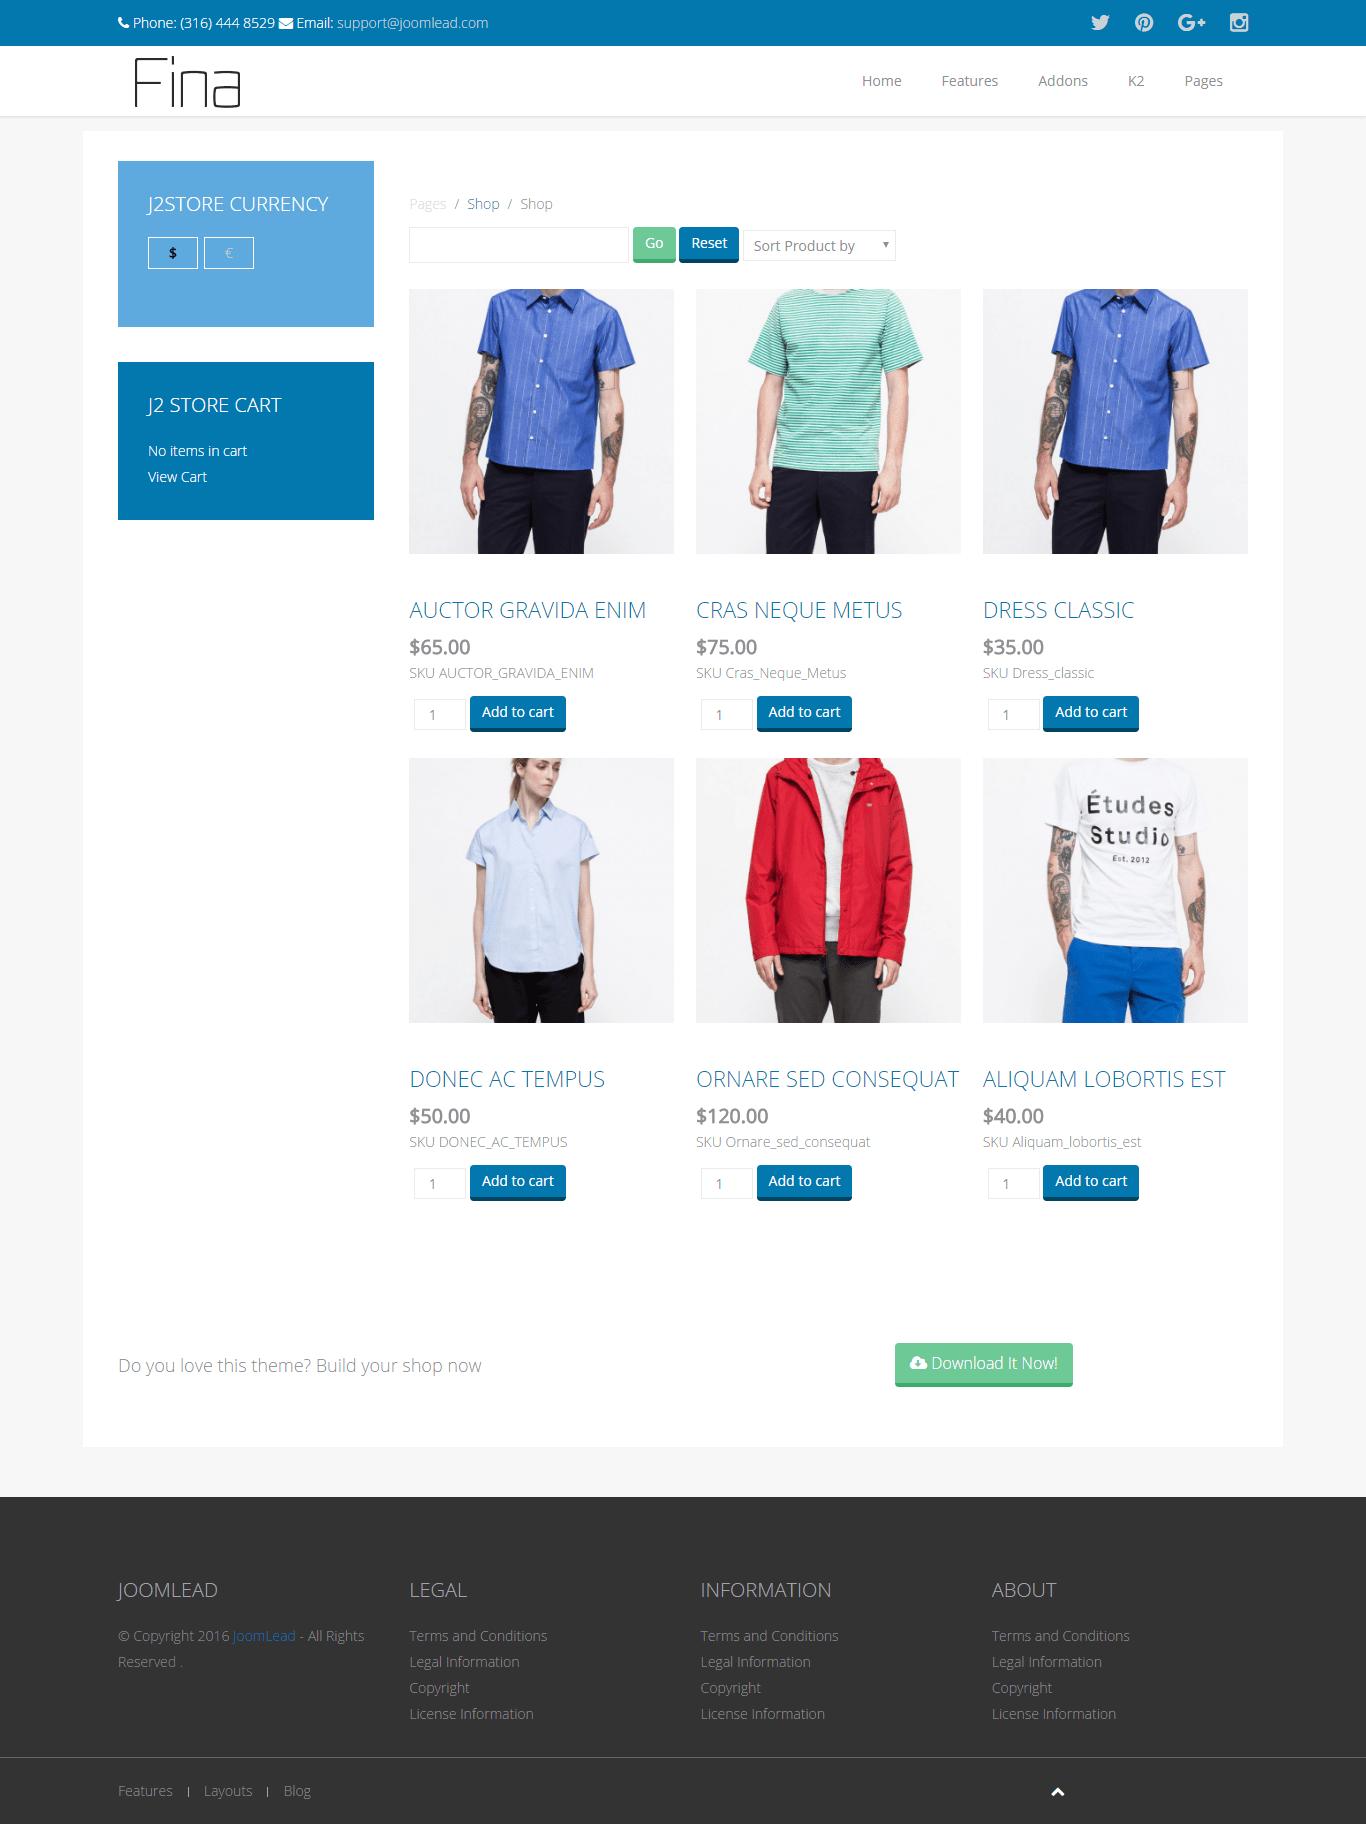 fina shop